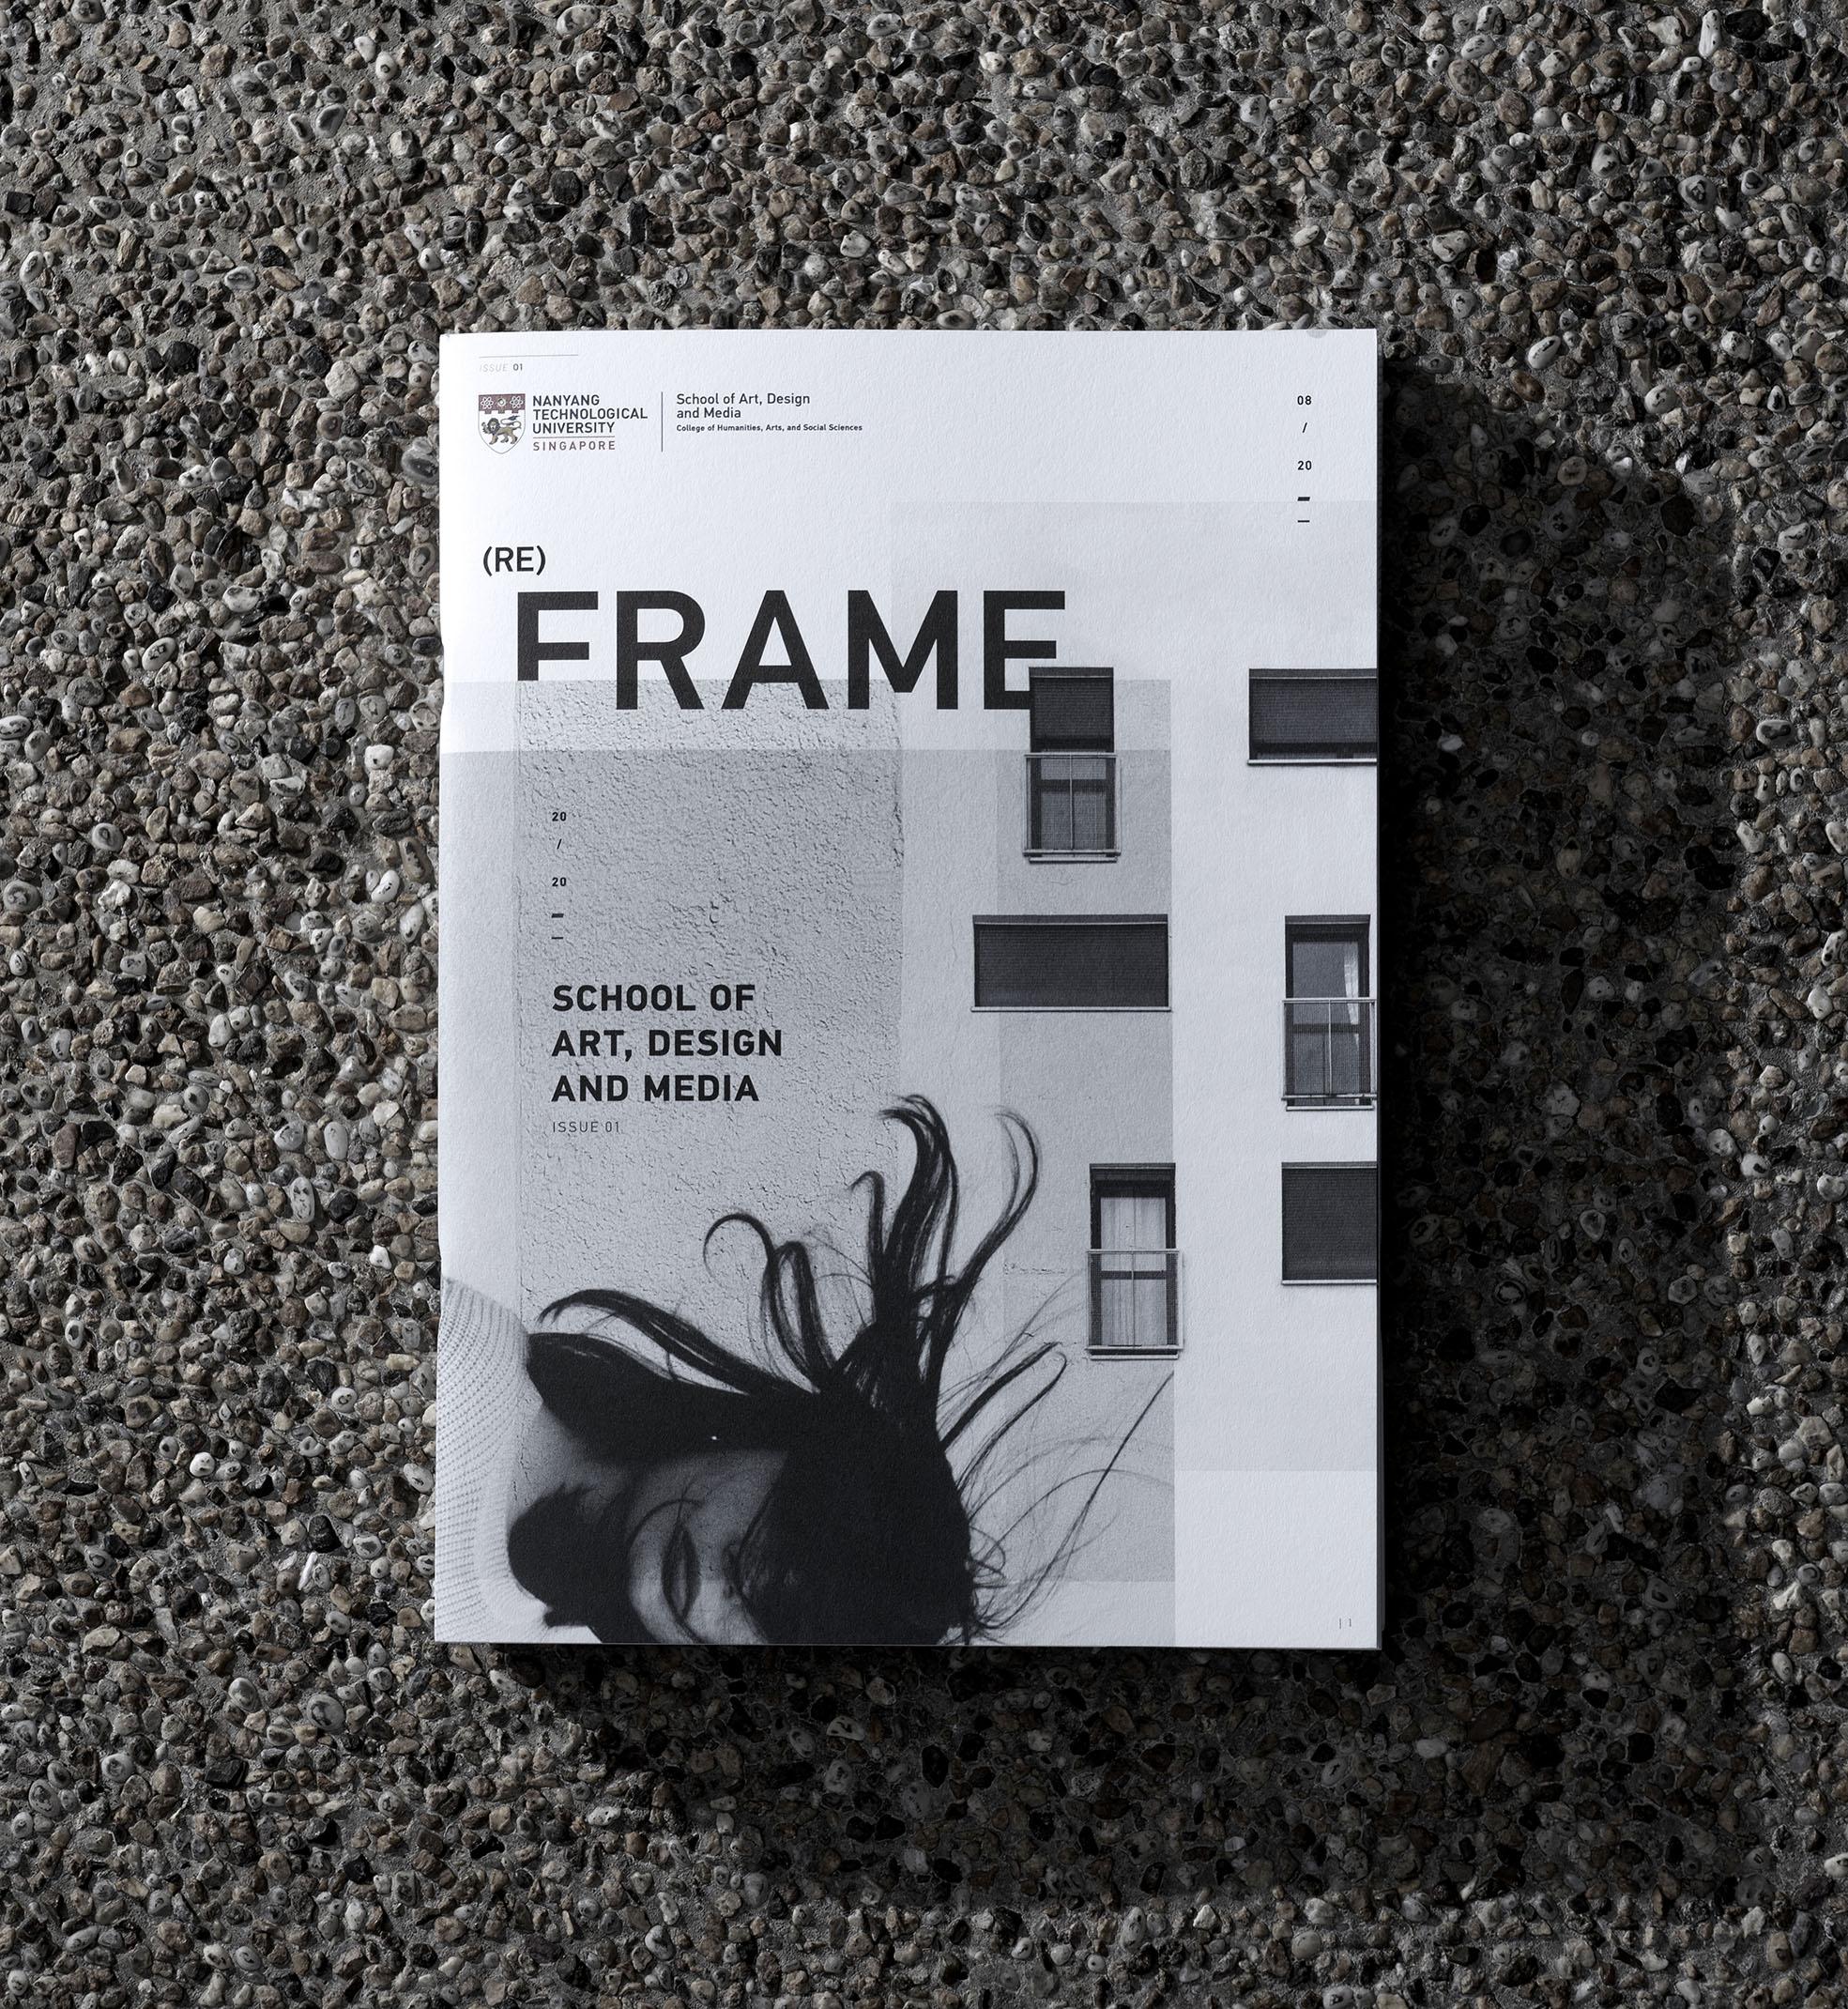 School of Art, Design & Media. re(FRAME) Newsletter